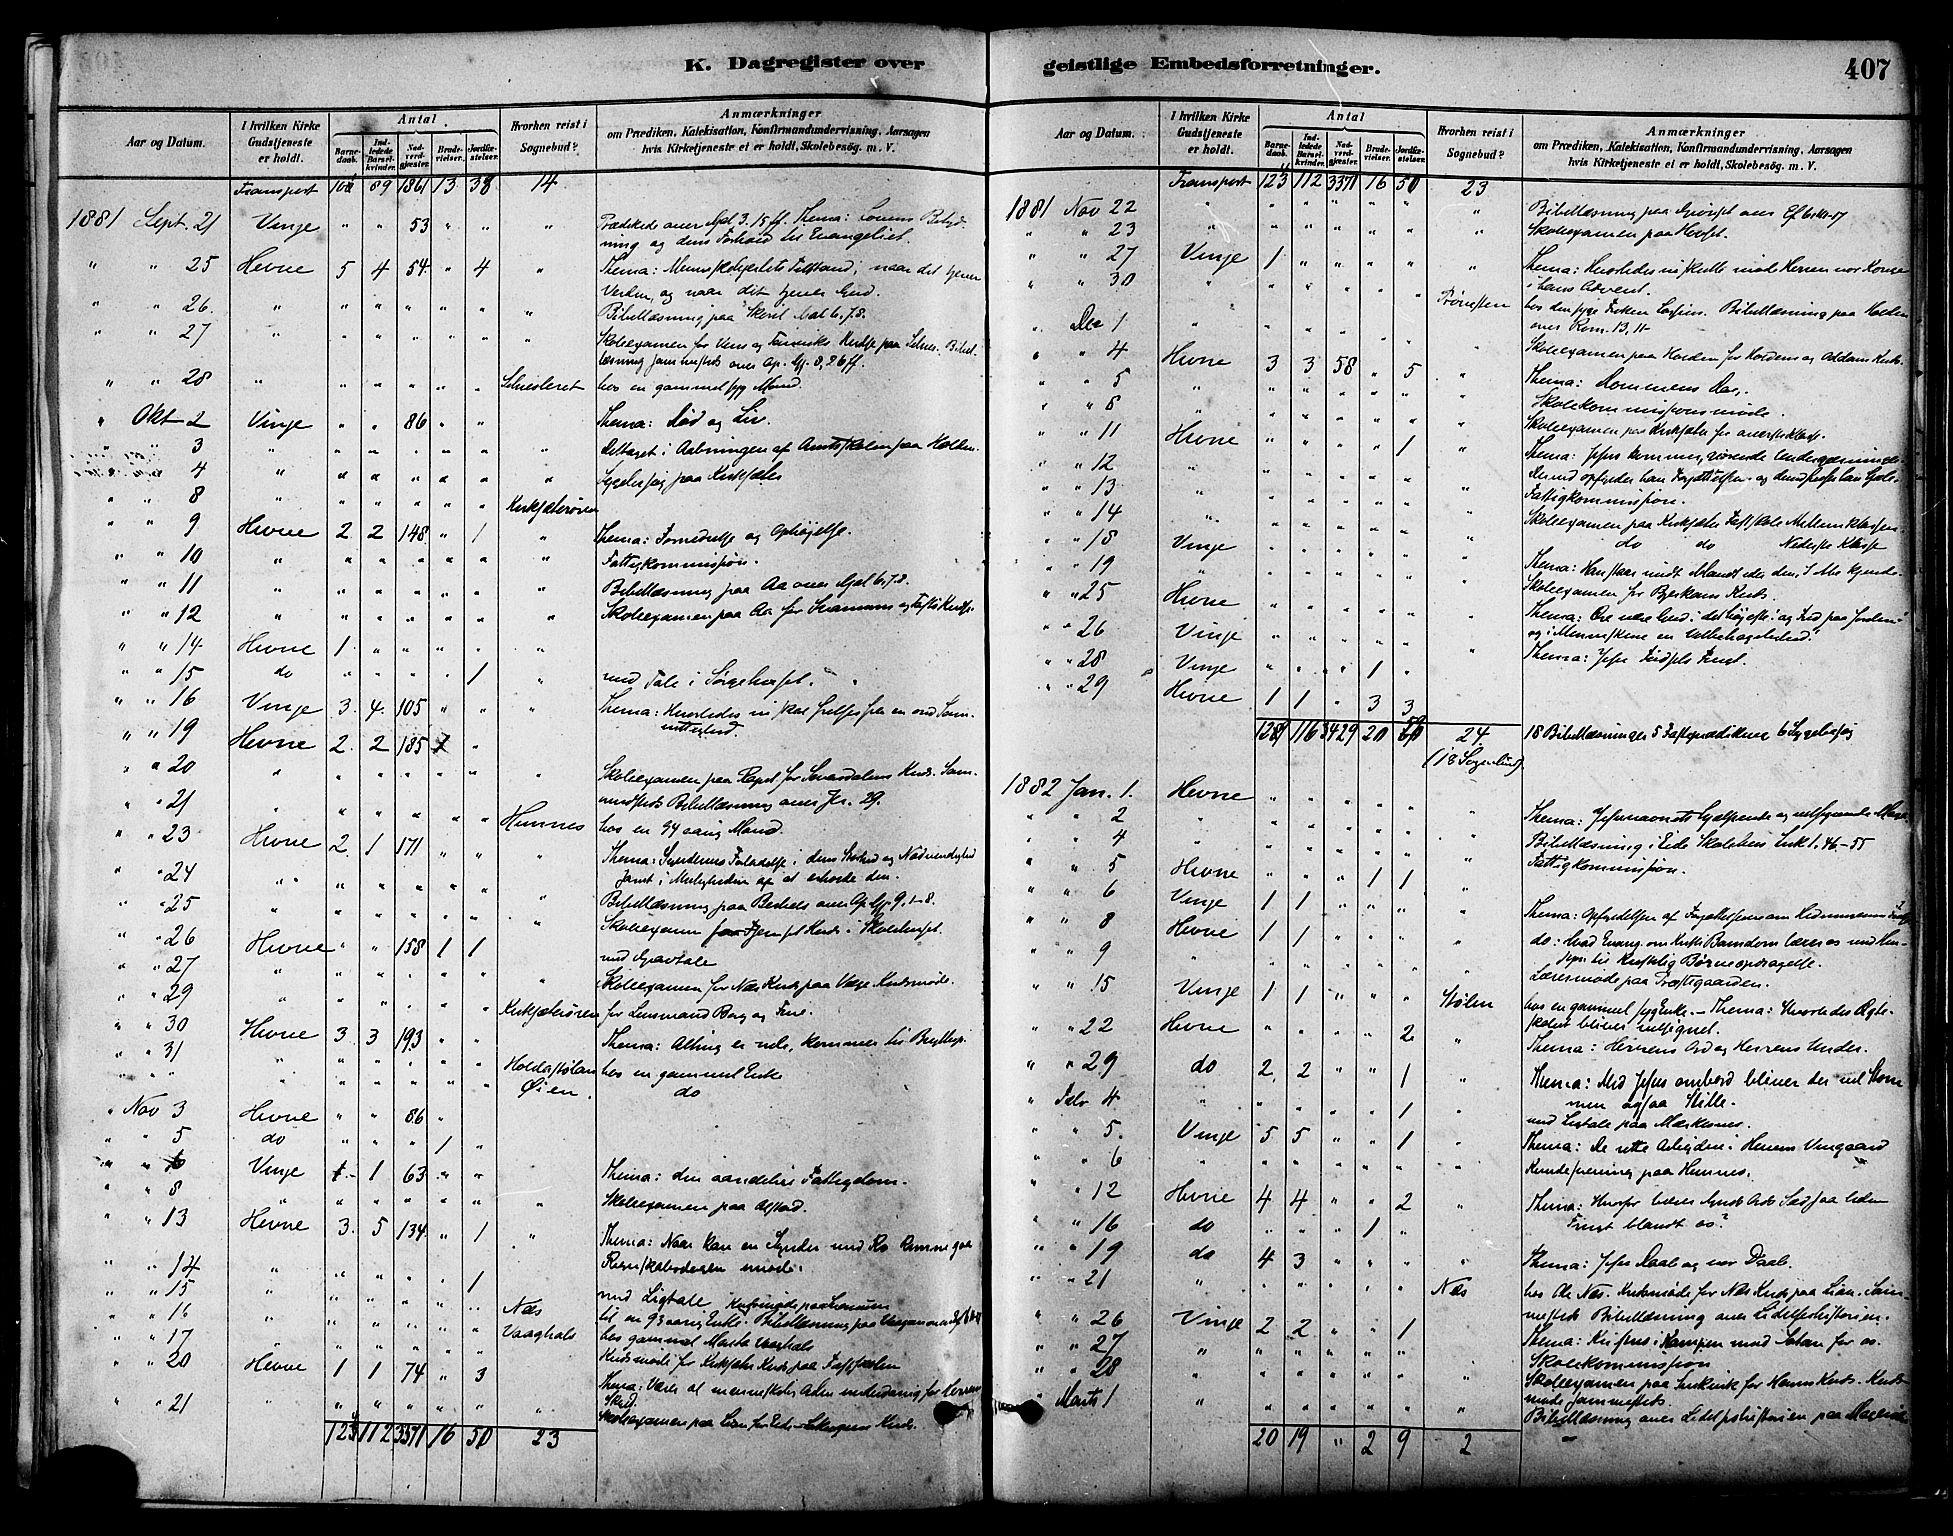 SAT, Ministerialprotokoller, klokkerbøker og fødselsregistre - Sør-Trøndelag, 630/L0496: Ministerialbok nr. 630A09, 1879-1895, s. 407